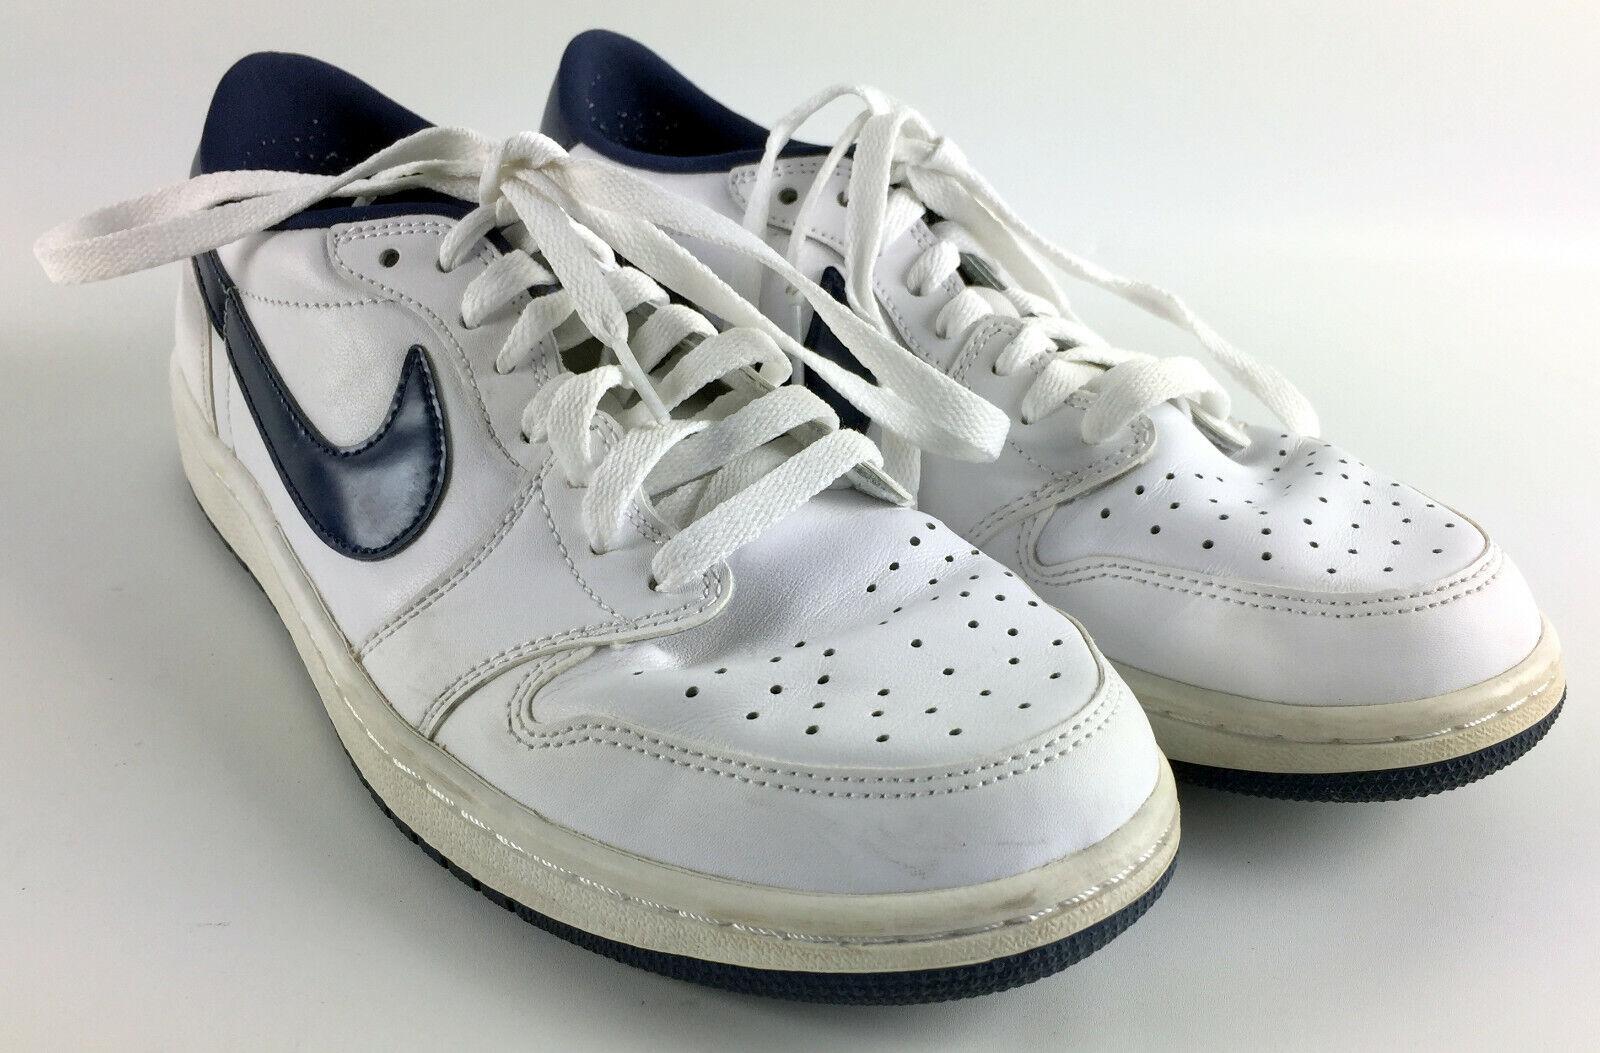 detailed look 43f8c 5bc64 Nike Air Jordan Retro 1 Low OG Size 10.5 White Metallic Blue 705329 ...